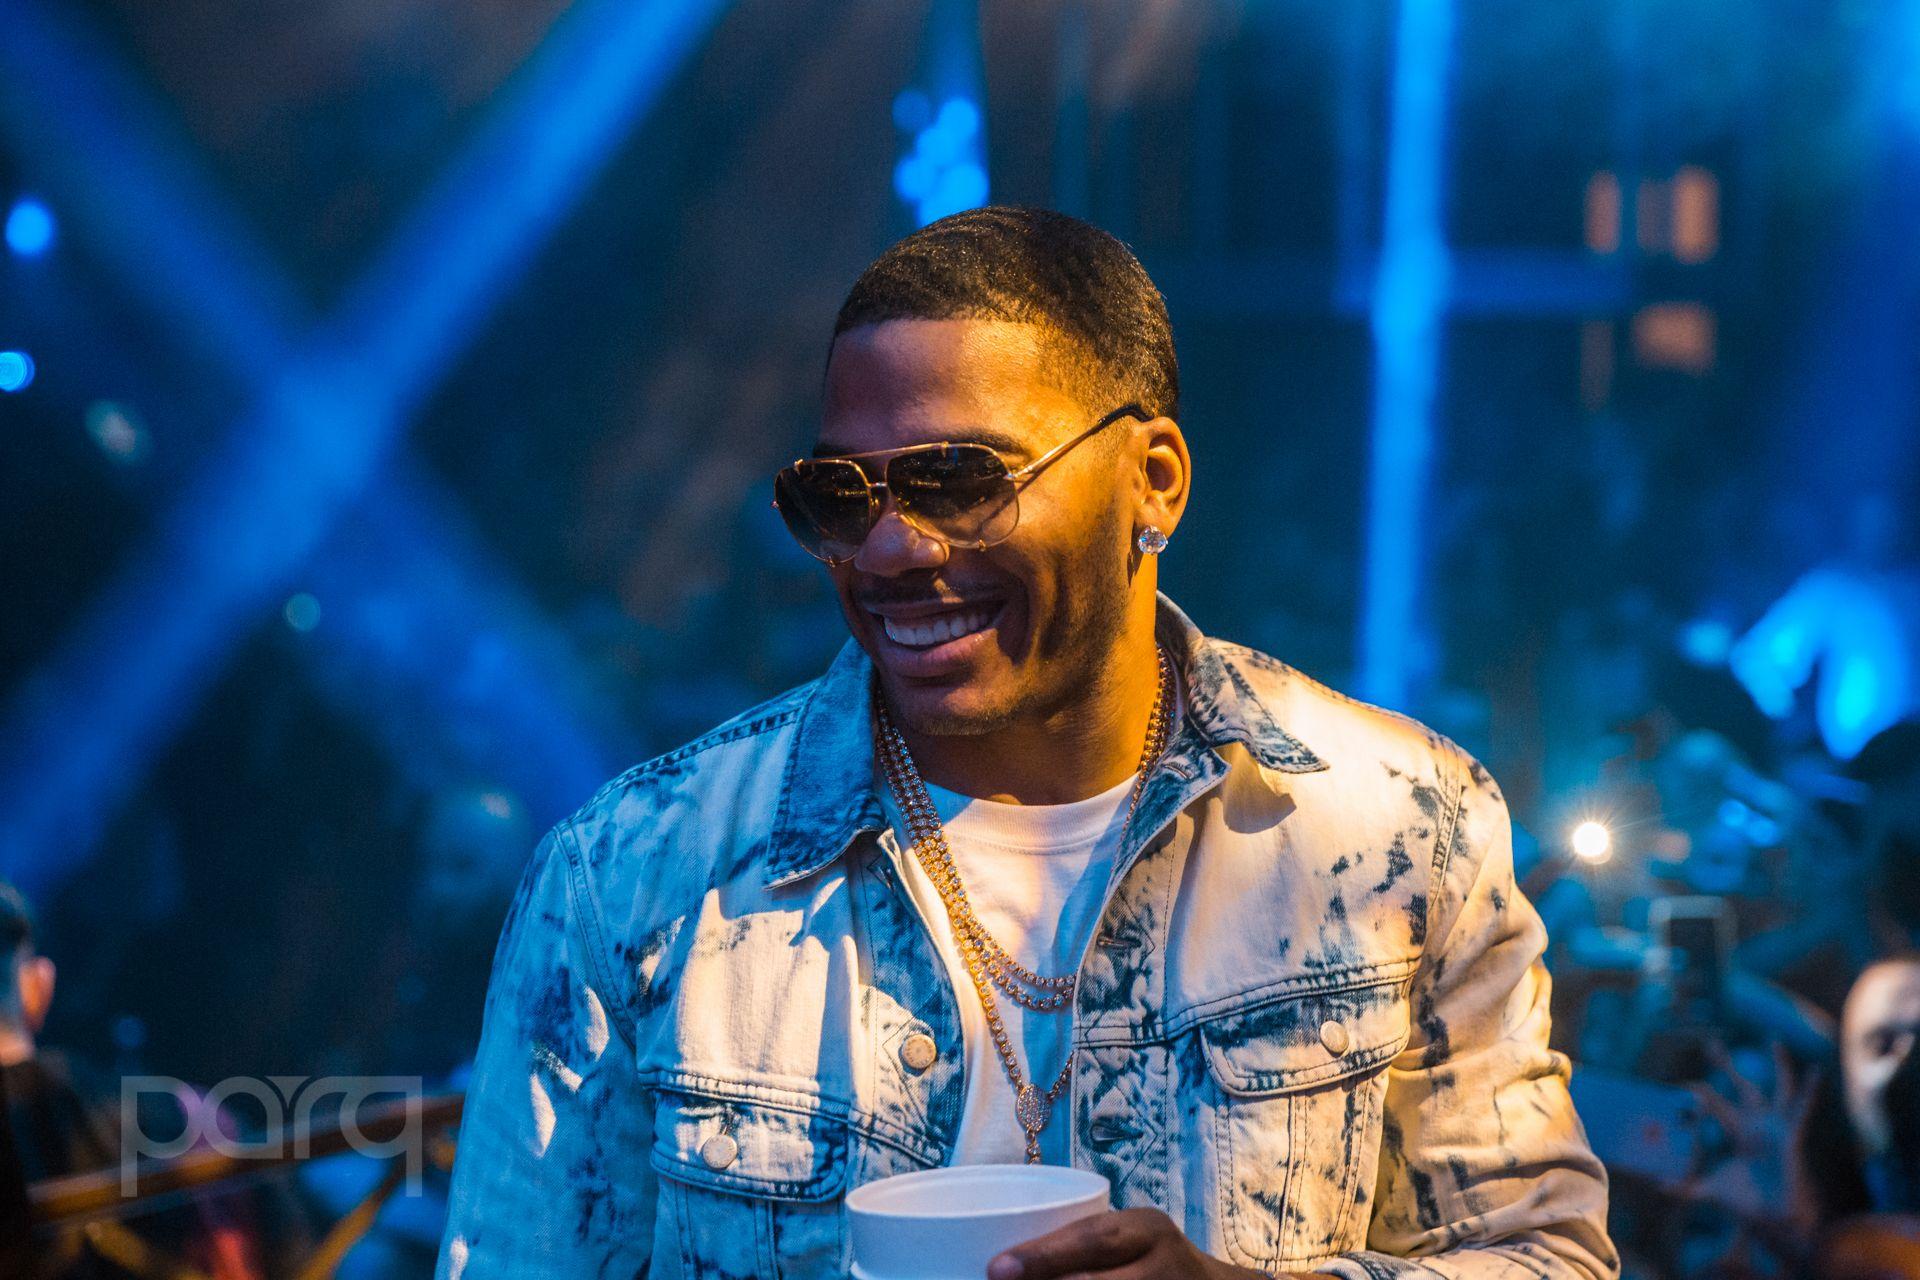 09.09.17 Parq - Nelly-19.jpg